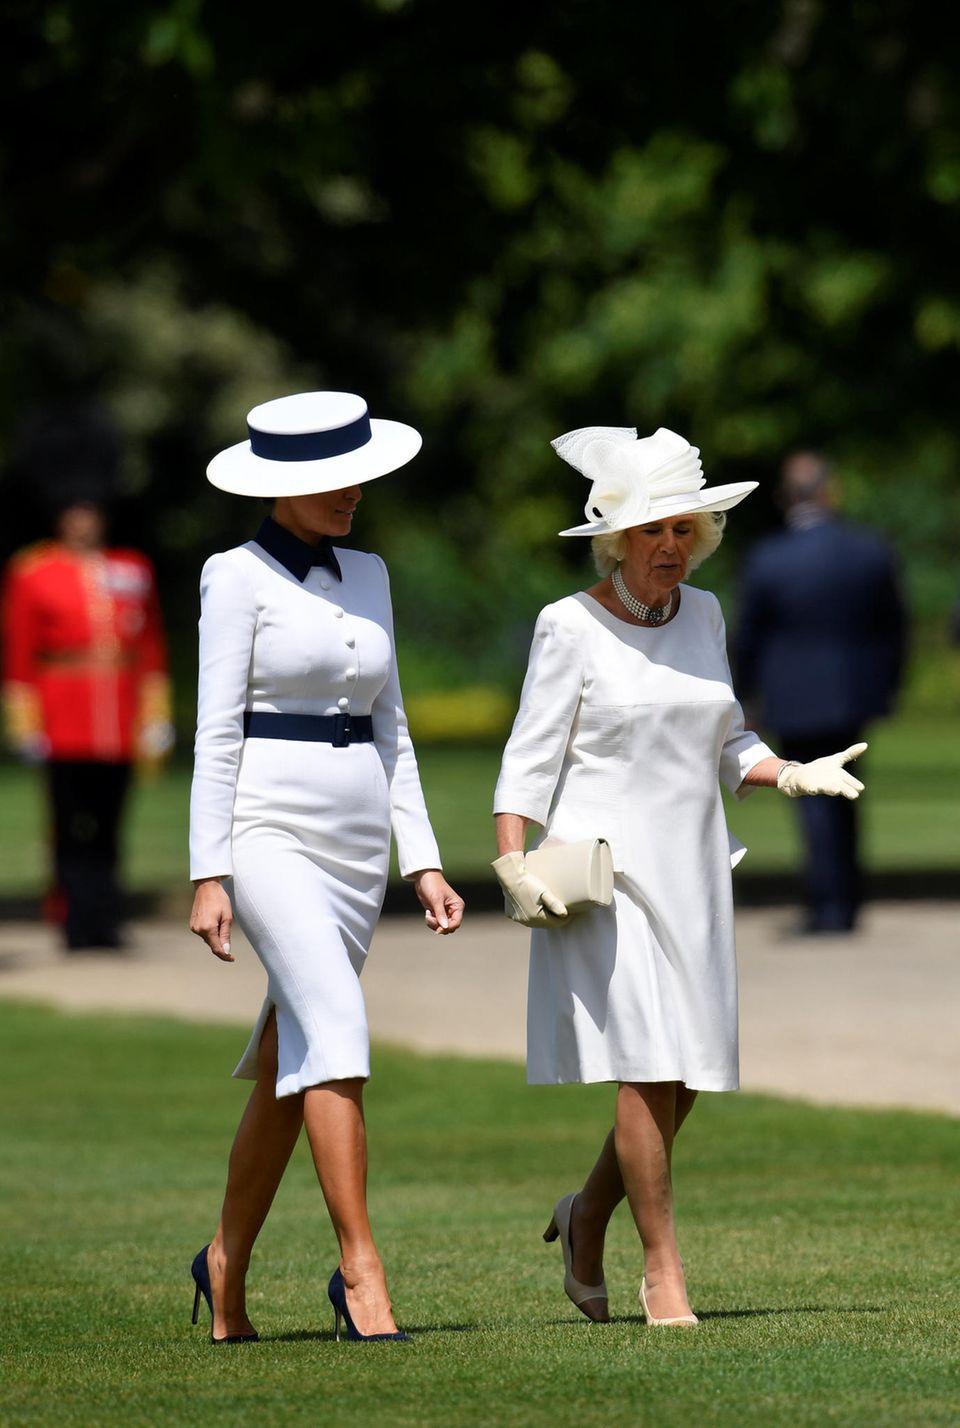 Ganz in Weiß: Herzogin Camilla (r.) plauscht mit Melania Trump. Die High Heels sind offenbar auch auf Rasen kein Problem.